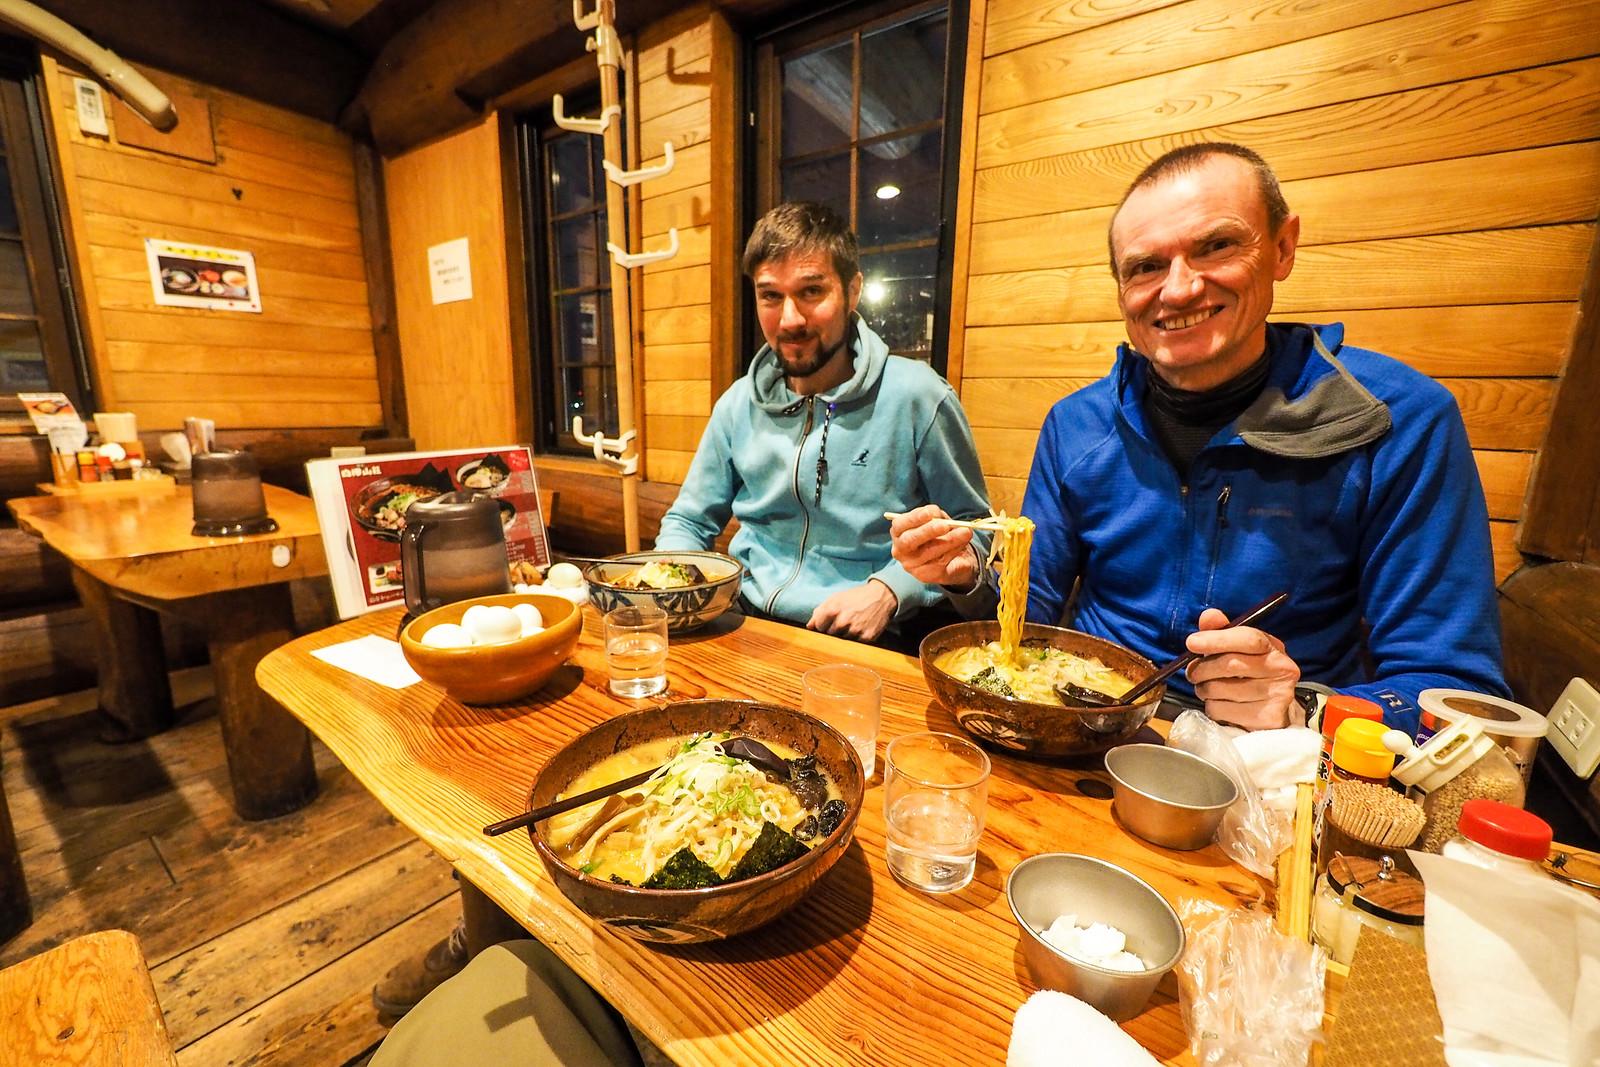 Mt. Kimobetsu backcountry ski touring (Hokkaido, Japan)